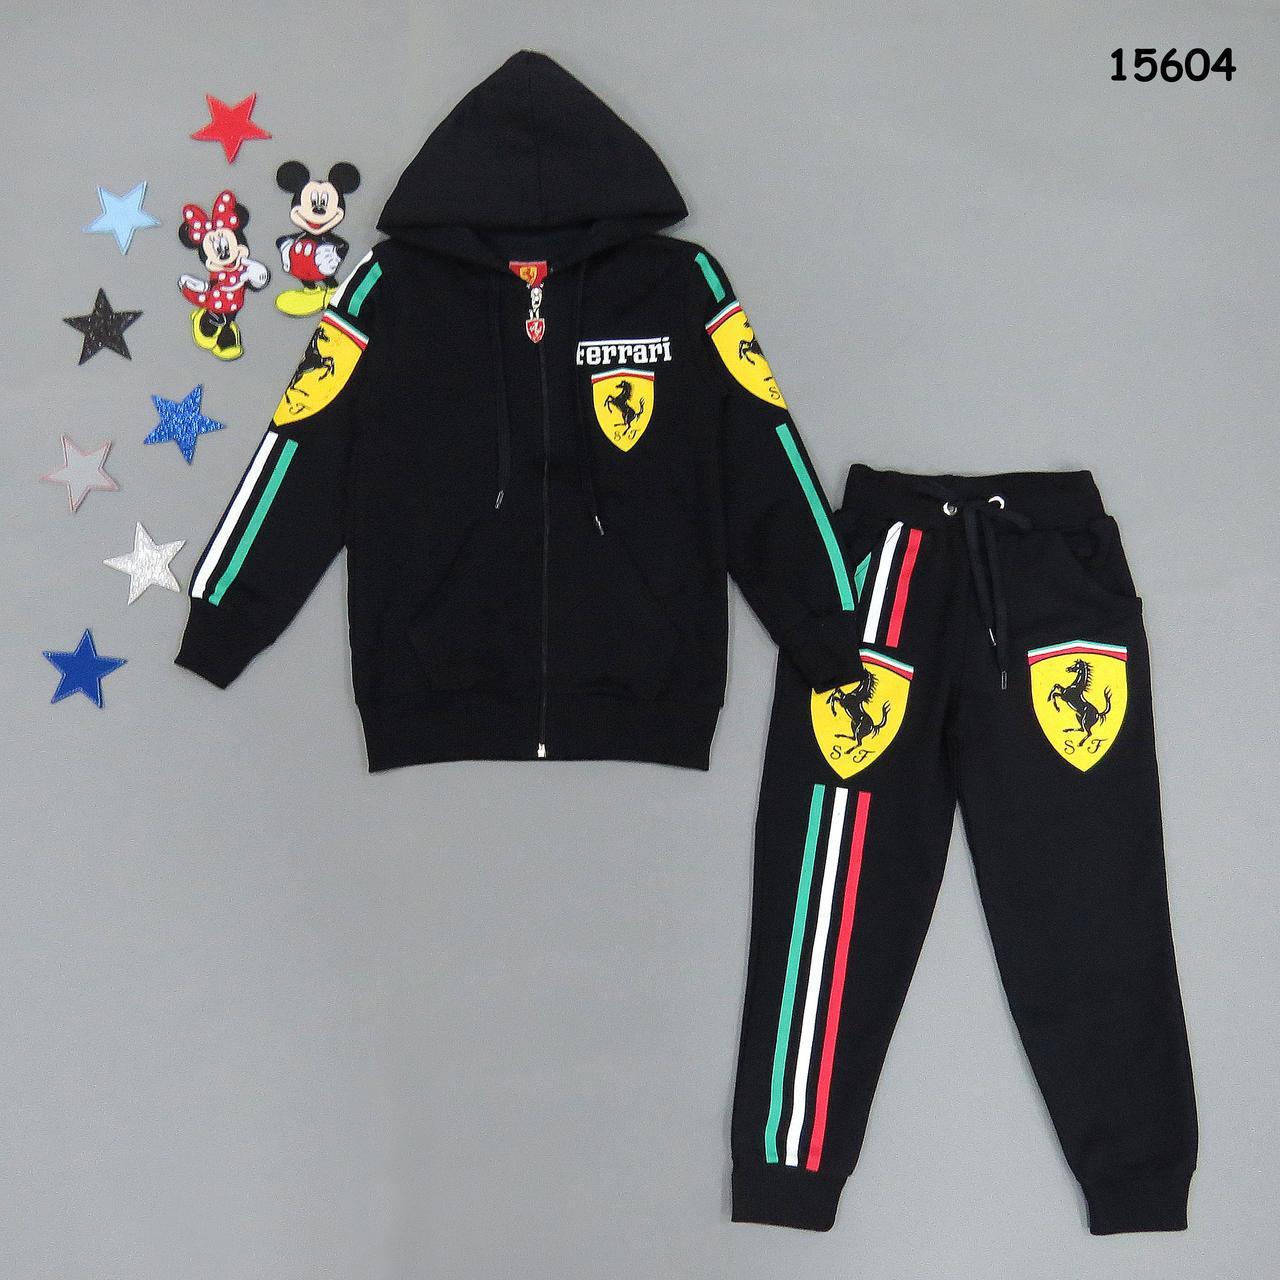 6c0705db Спортивный костюм Ferrari для мальчика. 4-5 лет - Интернет-магазин Enot.